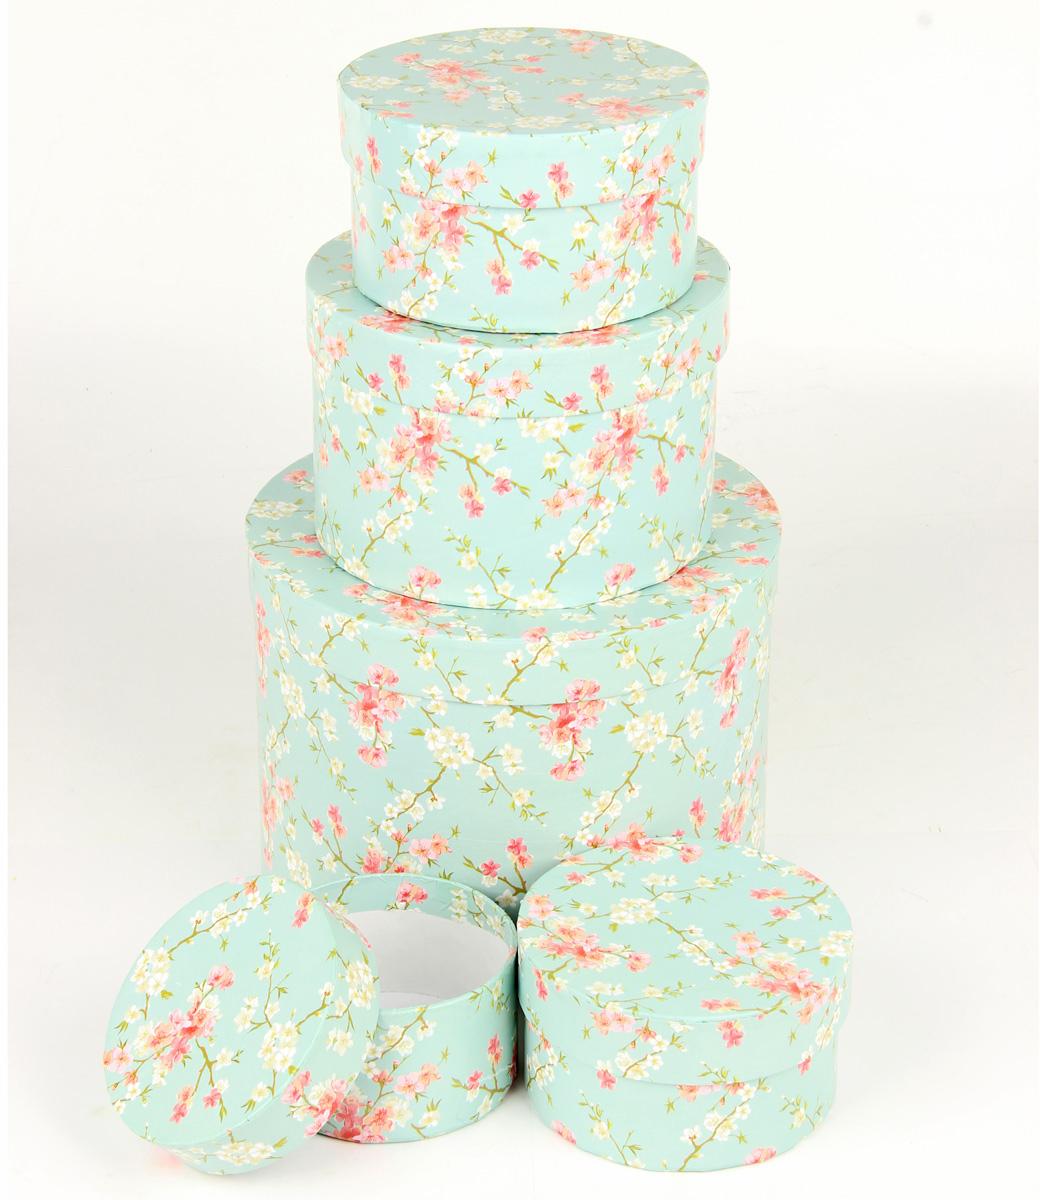 Набор подарочных коробок Veld-Co Цветение дикой сливы, круглые, 5 шт. 67674 набор подарочных коробок veld co небесные музыканты круглые 4 шт